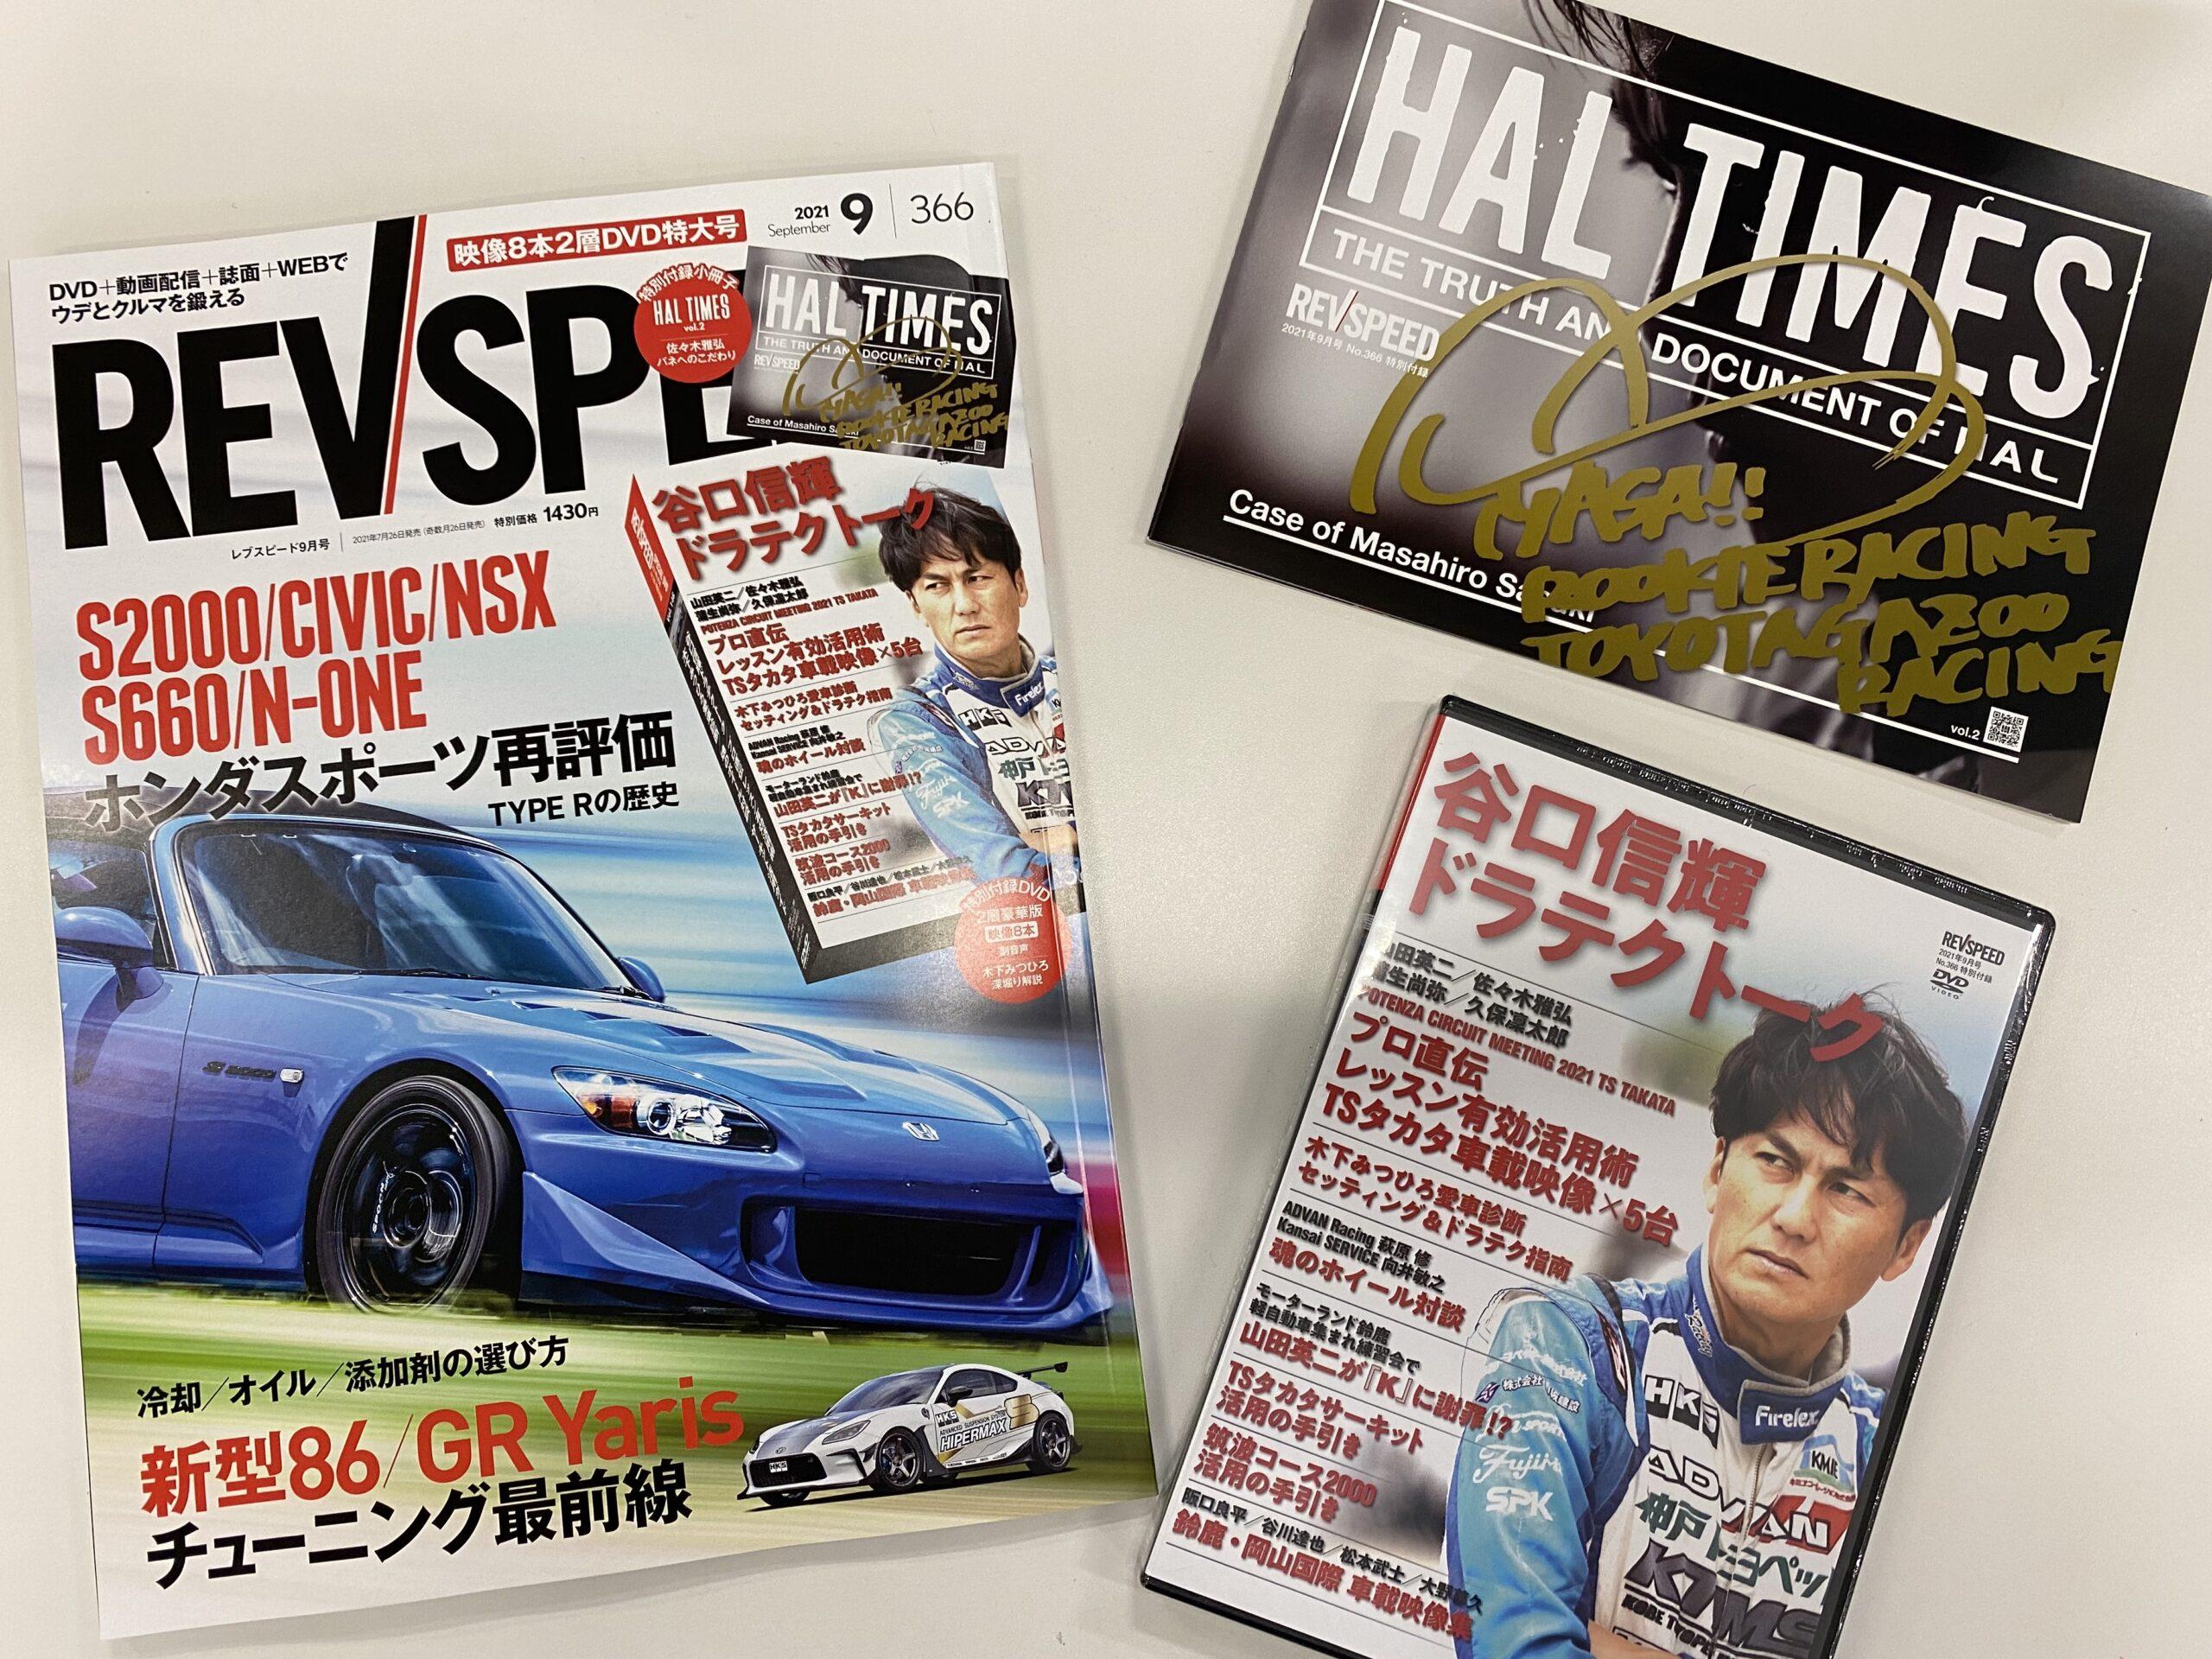 レブスピード9月号(7/26発売)は、メガ大盛りDVDとHAL TIMES(vol.2)の2大付録です!